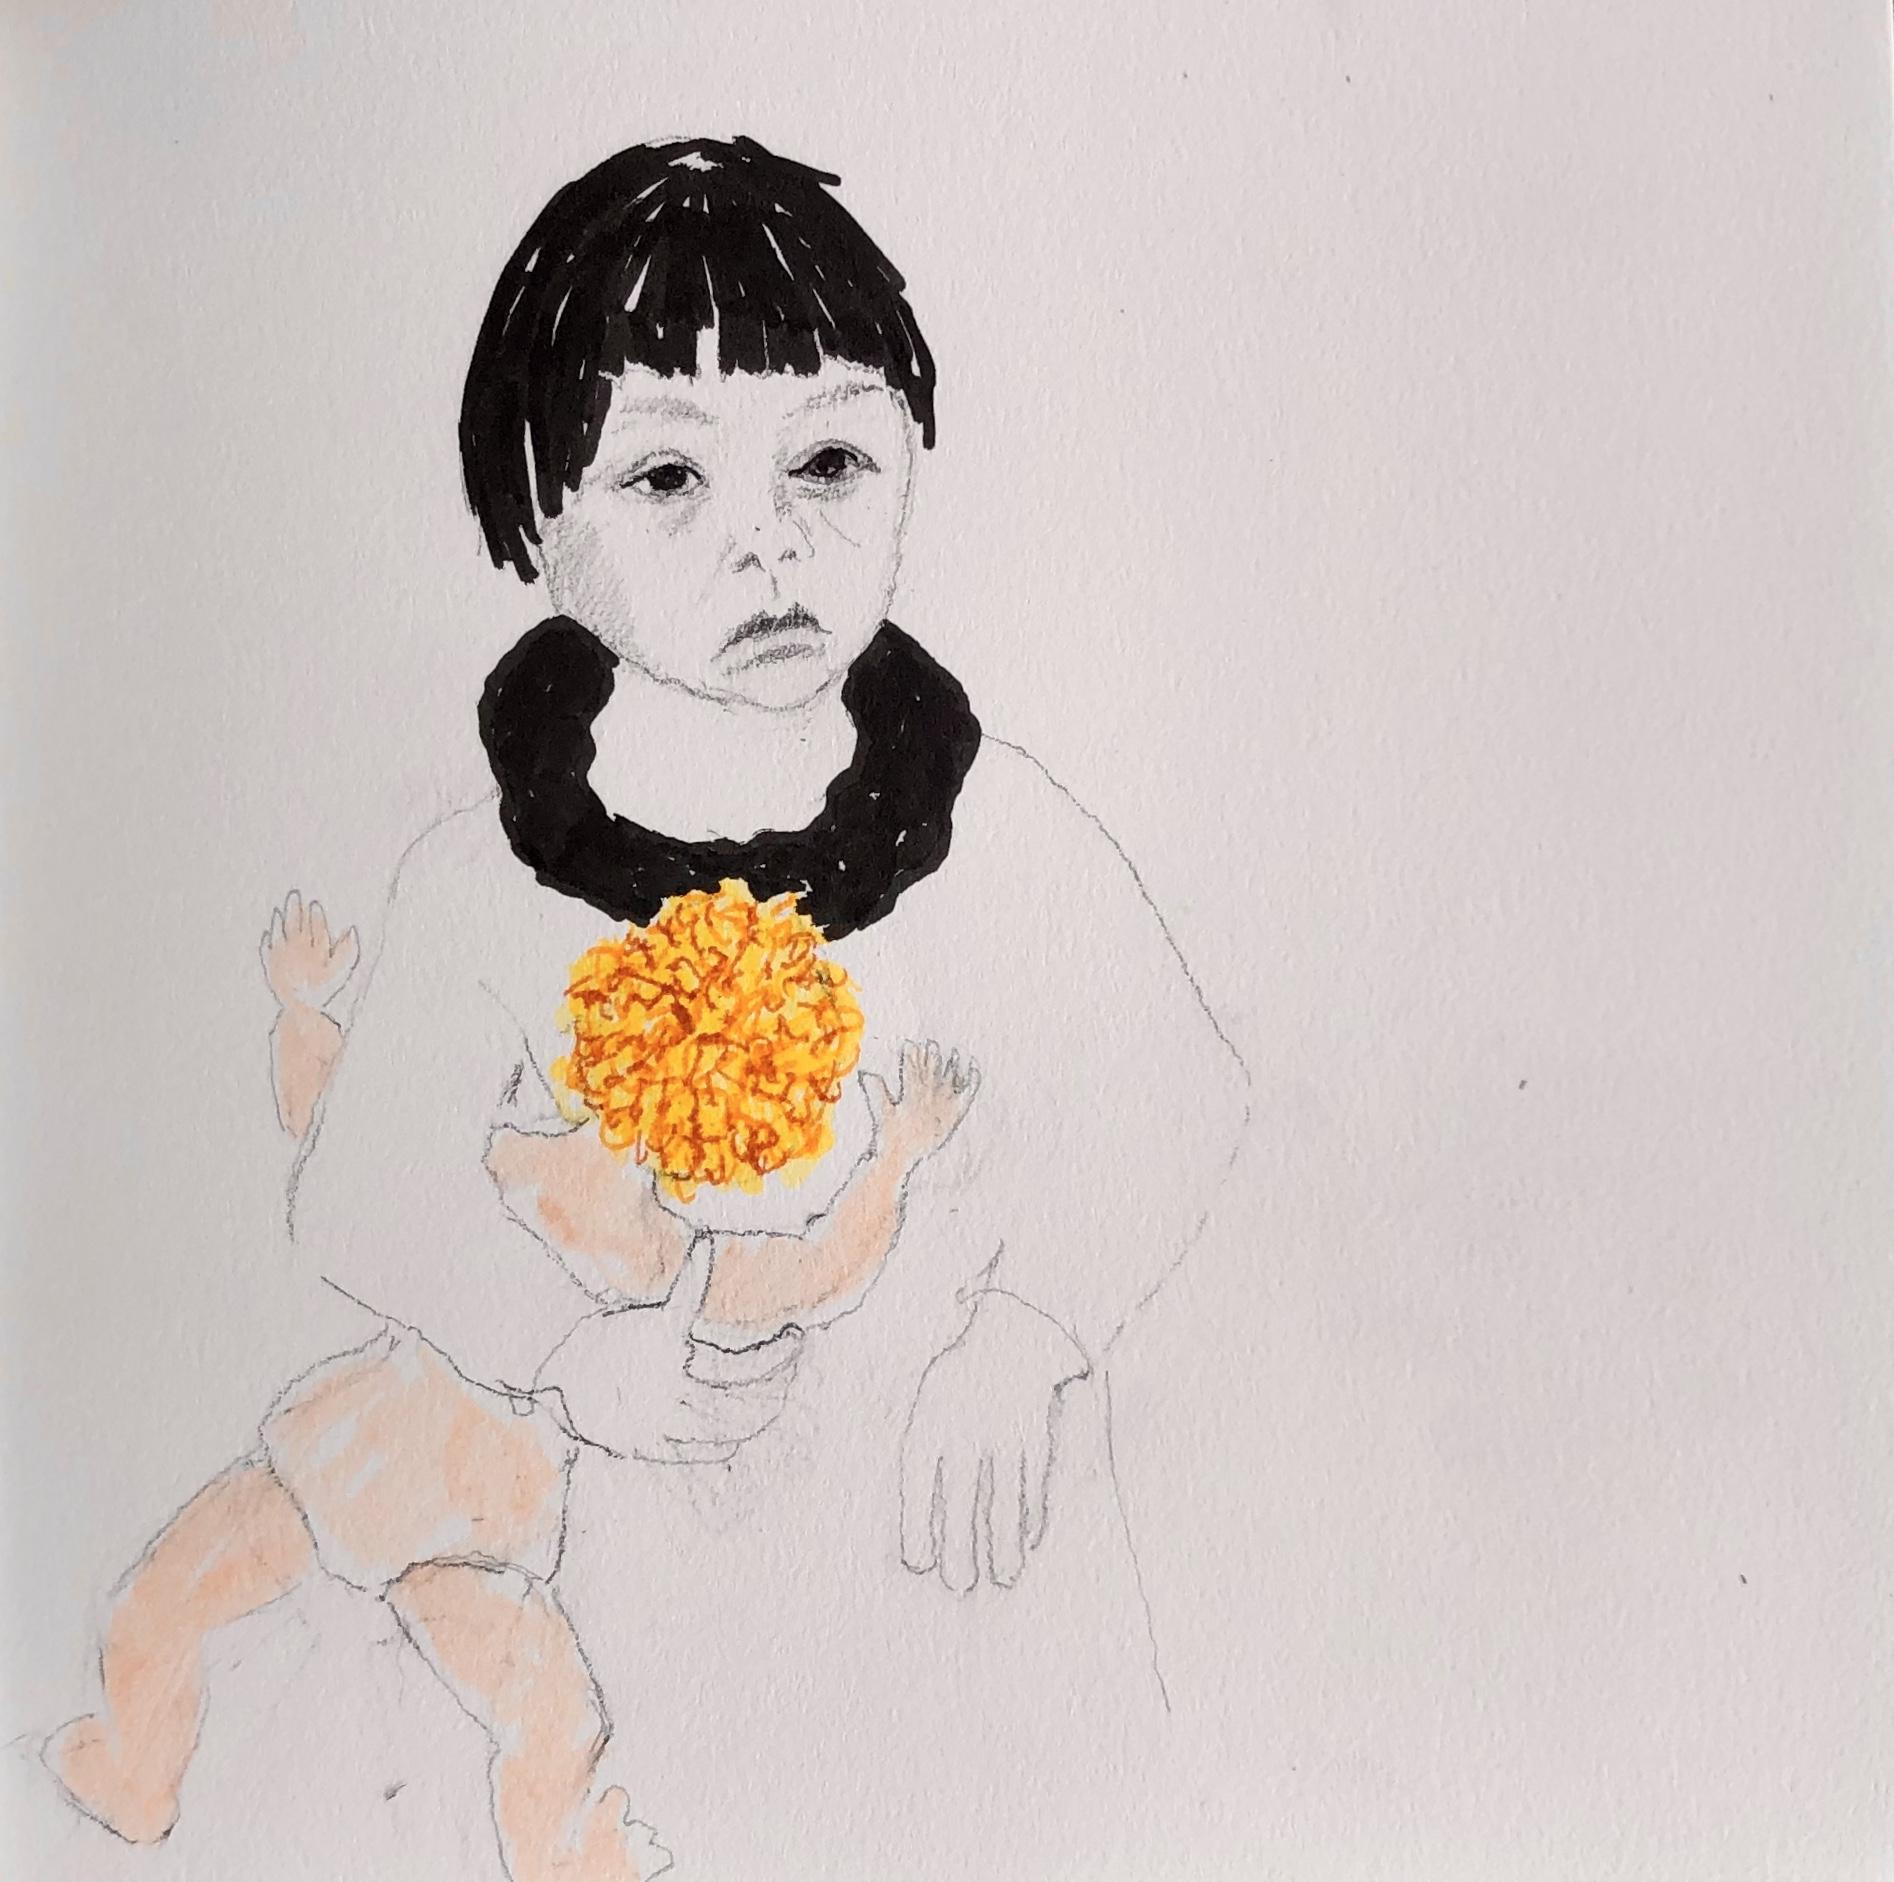 Tegning Af Grønlandsk Pige Med Dansk Dukke, Inspireret Af Bogen Tabita, Skrevet Af Iben Mondrup